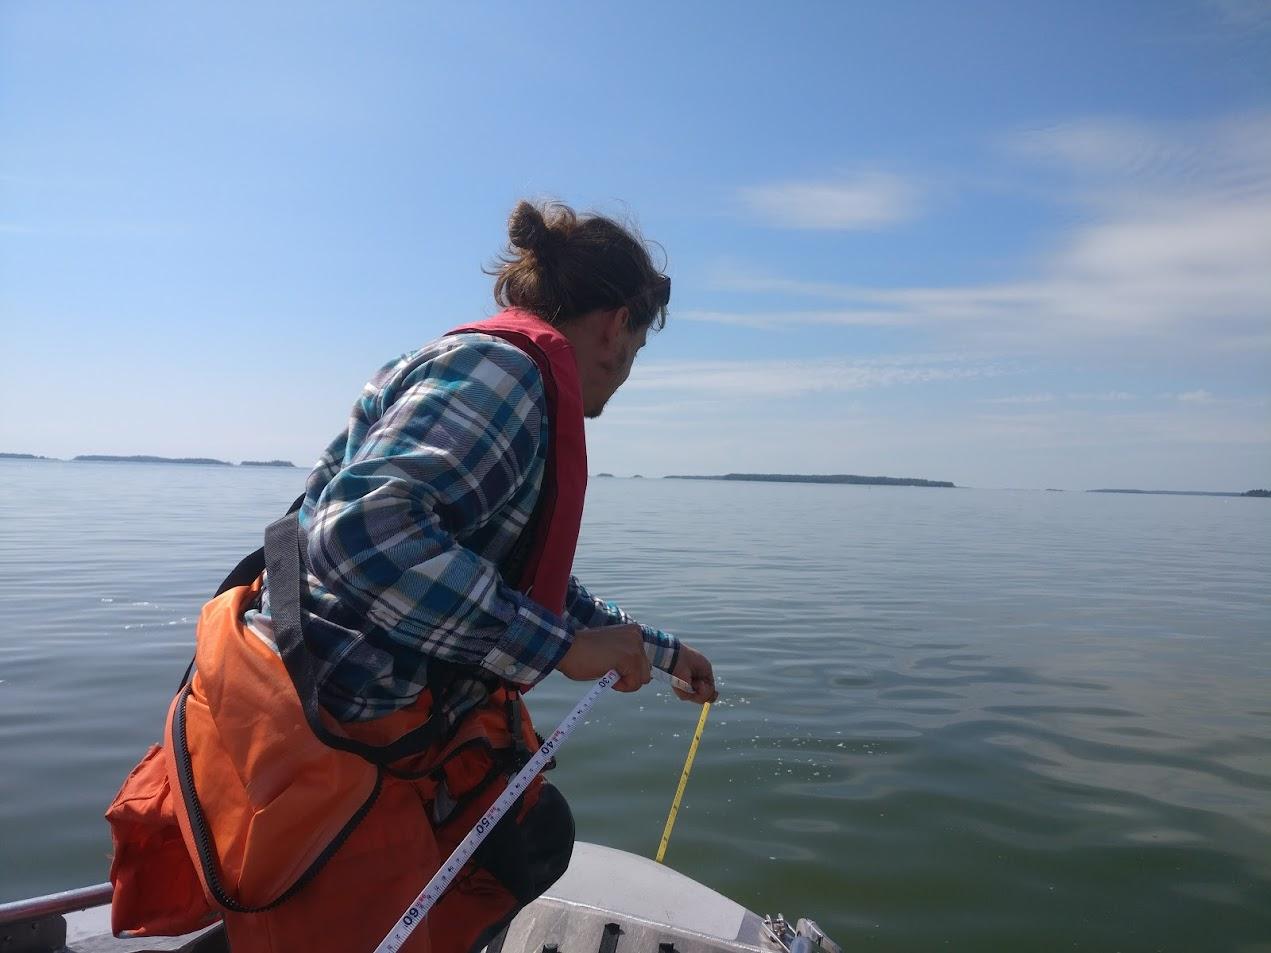 Henkilö laskee sukelluslinjaa veneestä.